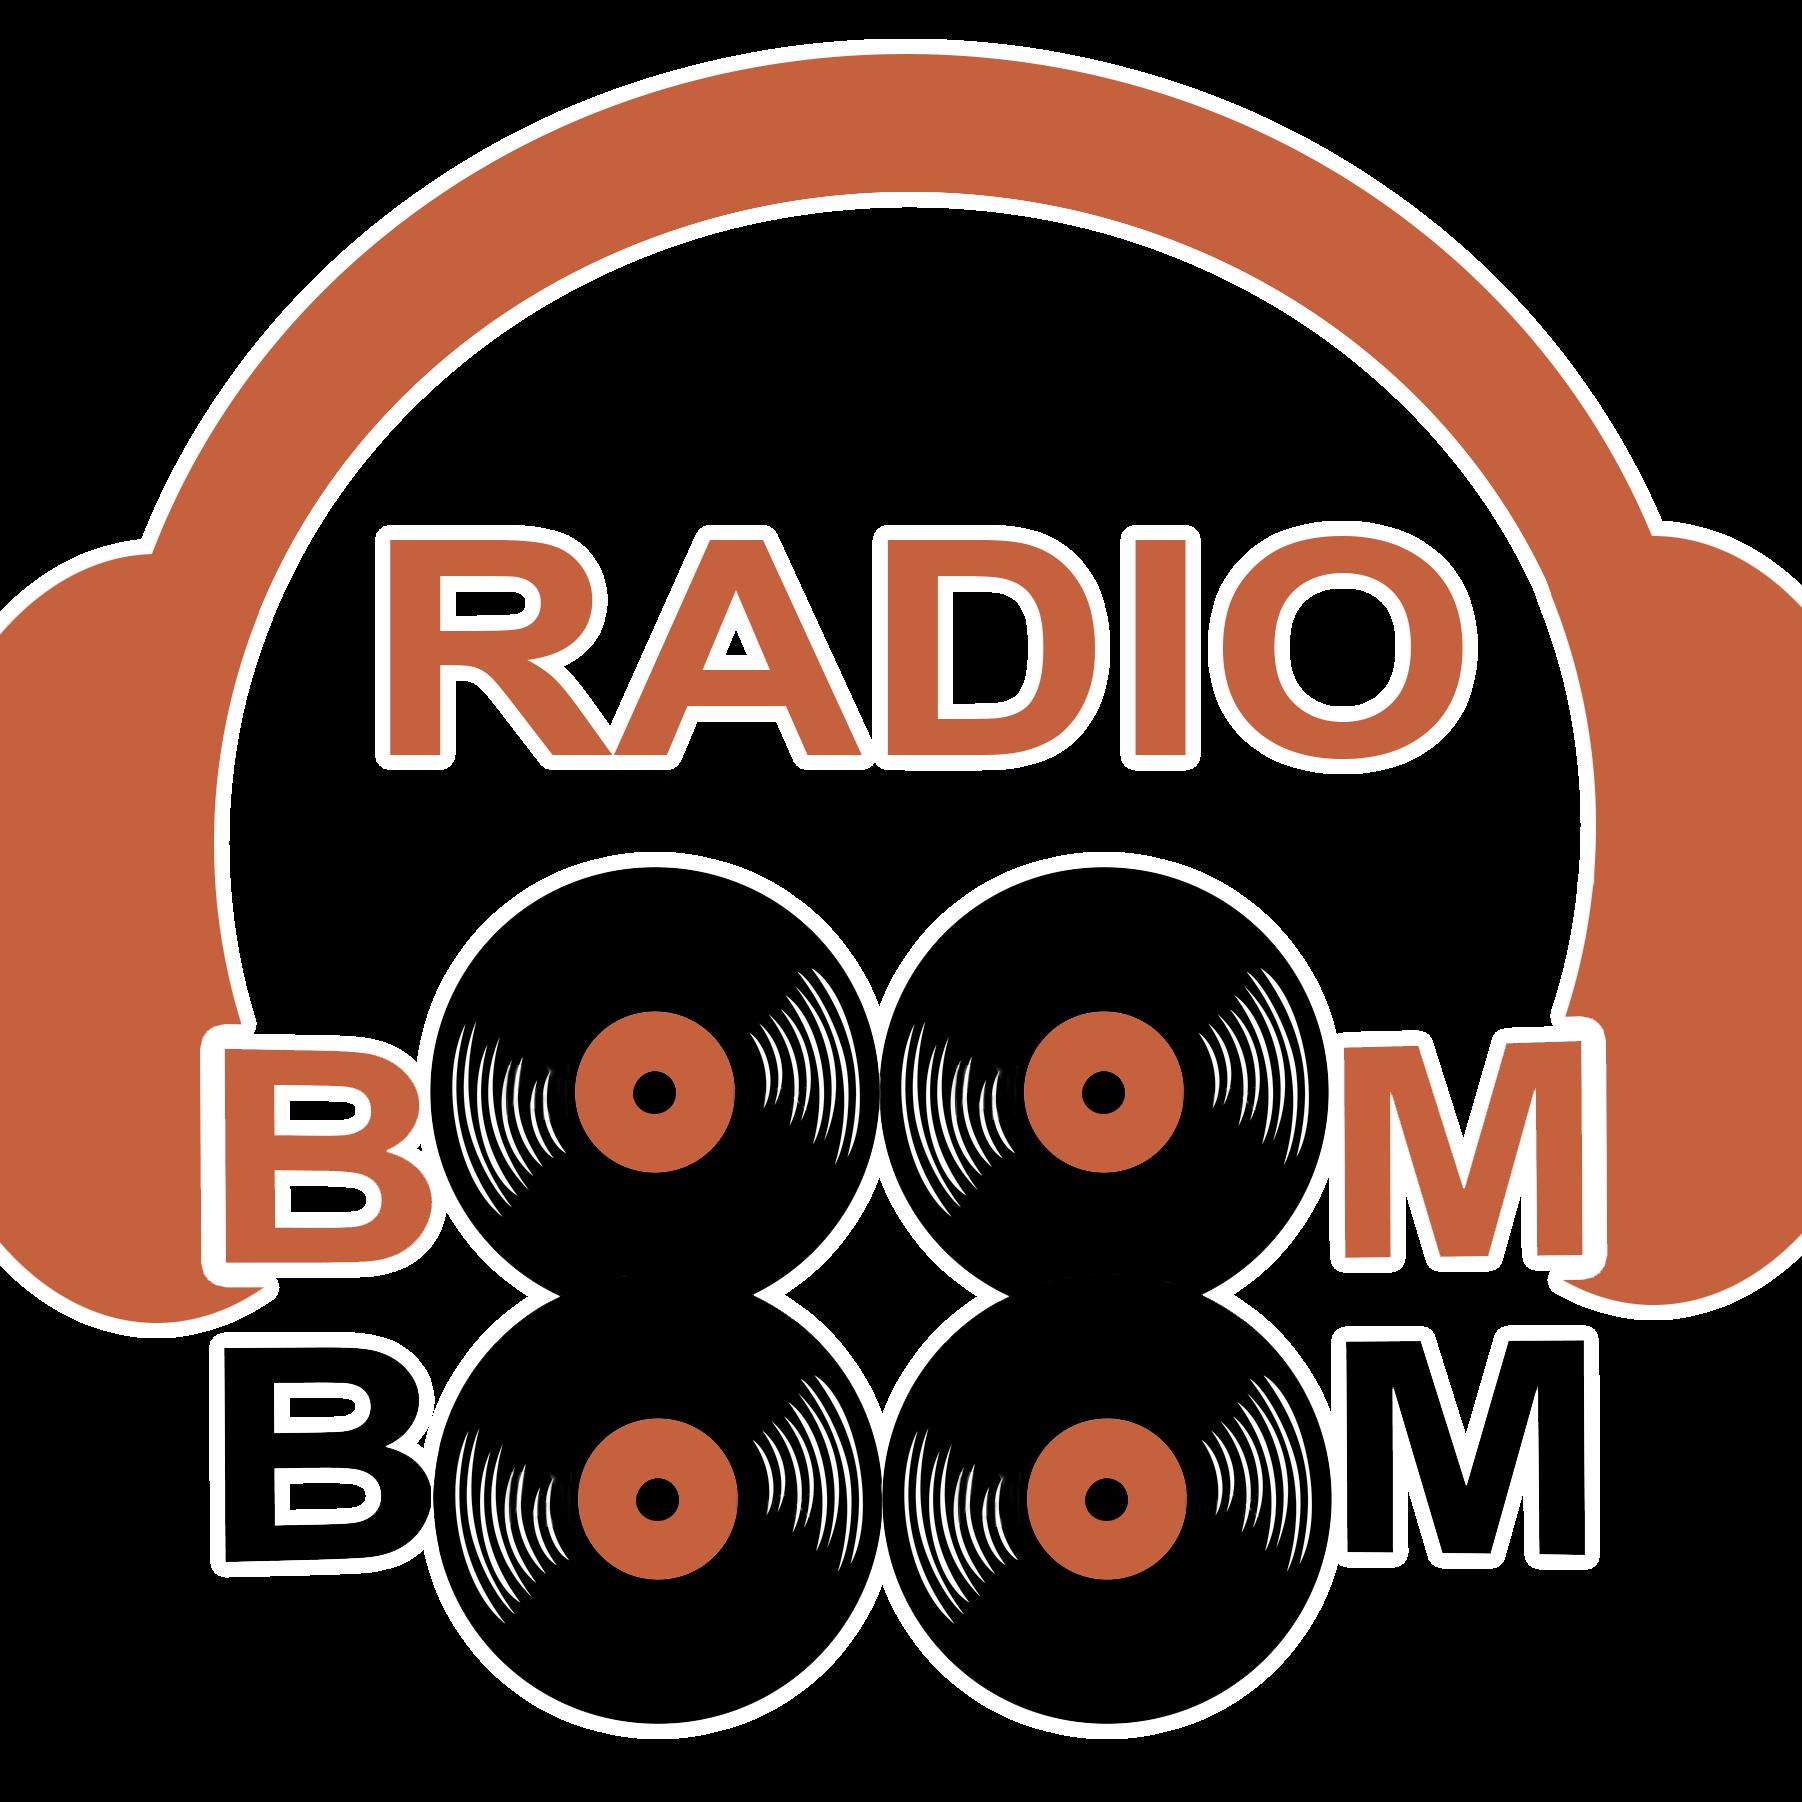 BoomBoomRadio